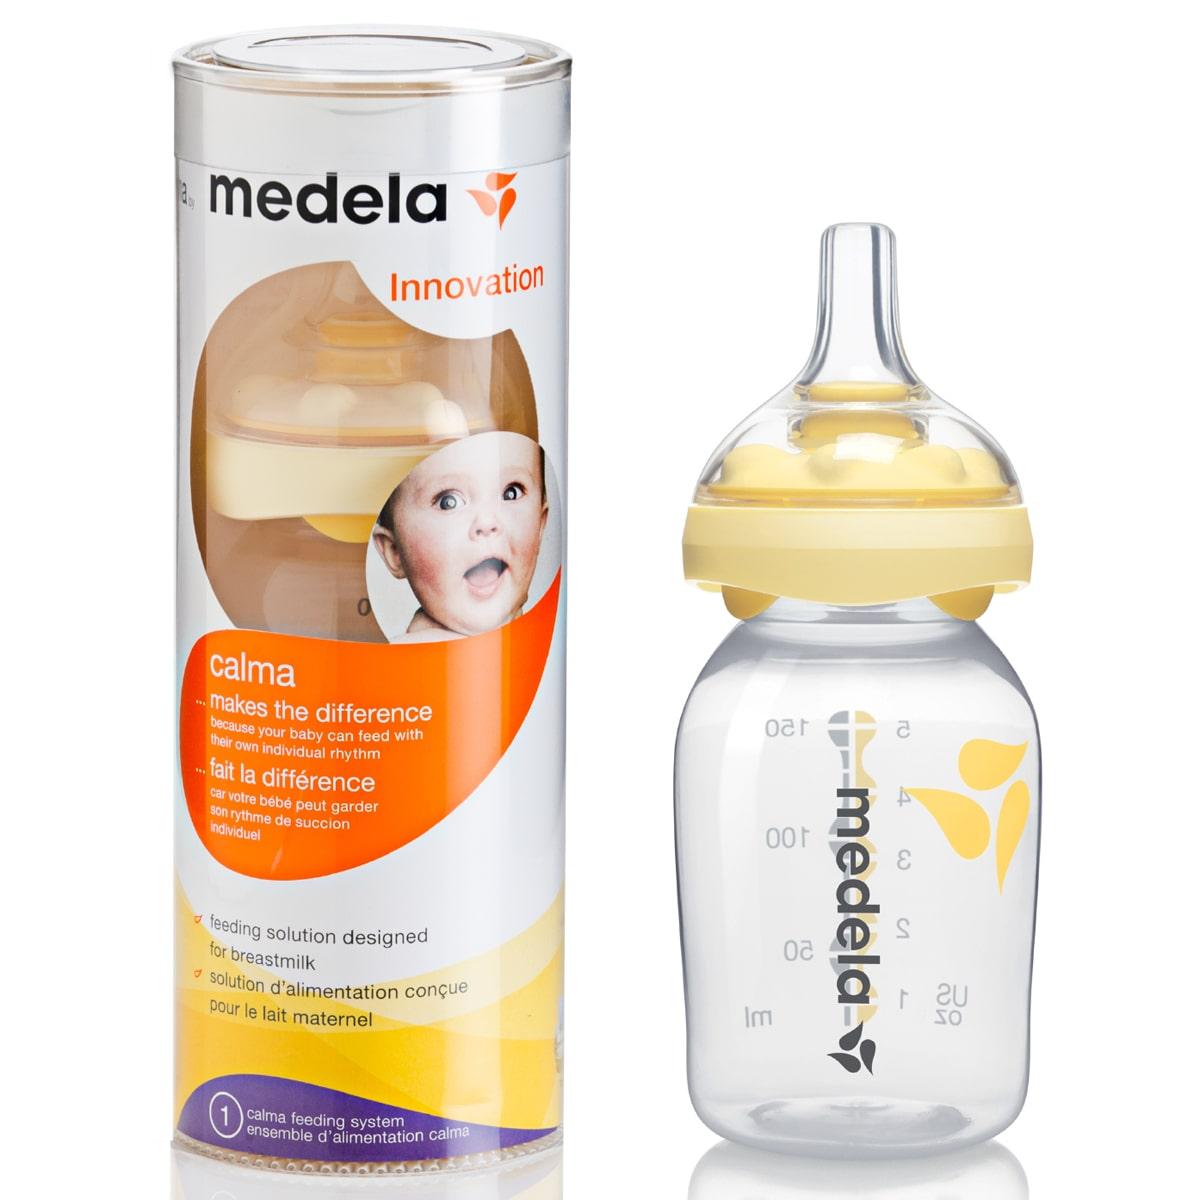 bình sữa Medela Calma